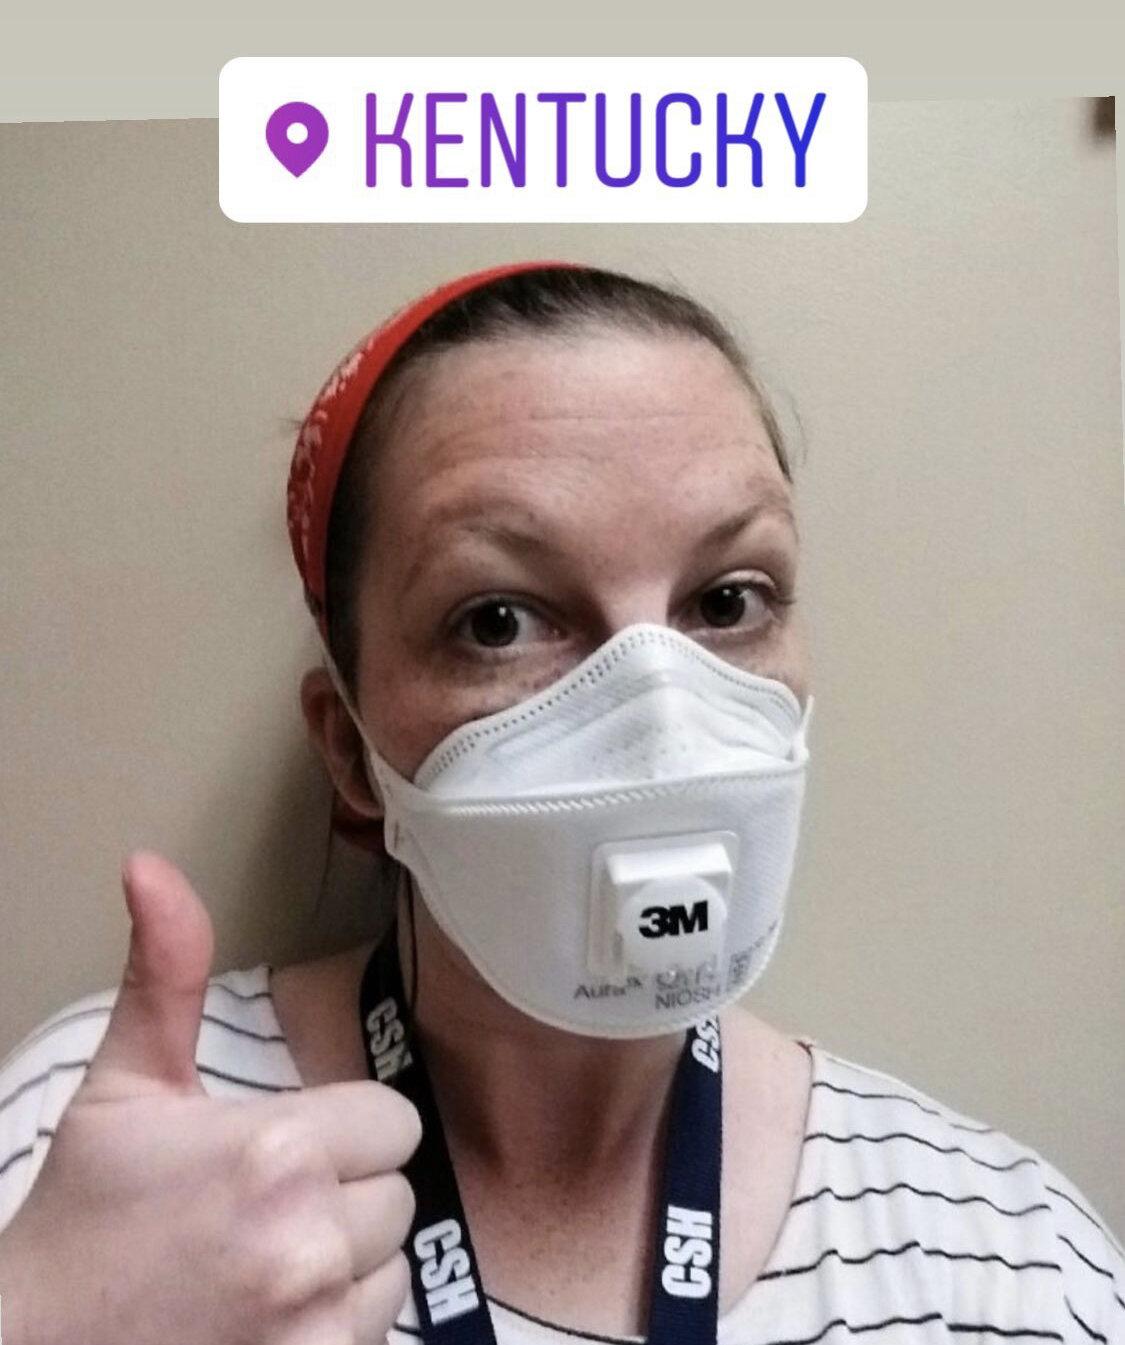 2020年6月5日:肯塔基州一家精神病院的工作人员为他们的PPE护理包竖起大拇指,并对这些用品表示感谢。